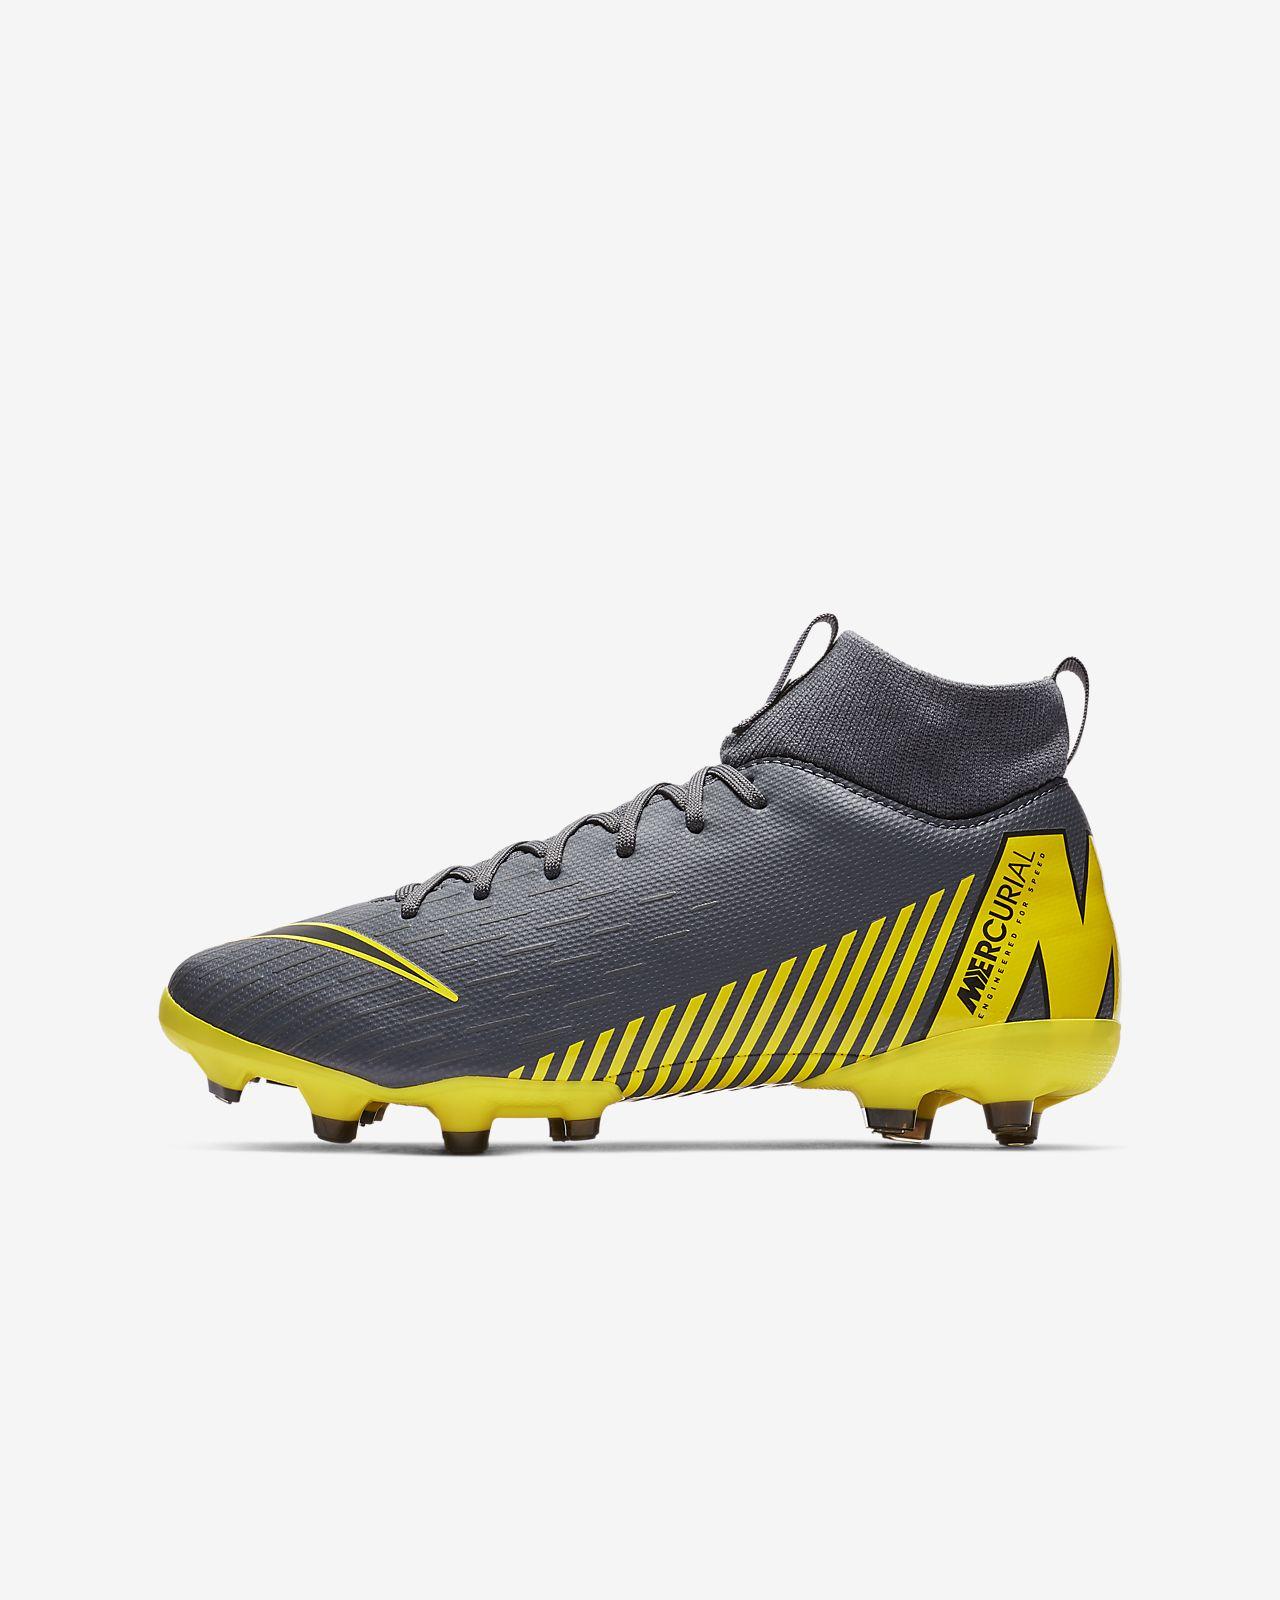 Fotbollssko för varierat underlag Nike Jr. Superfly 6 Academy MG Game Over för barn/ungdom